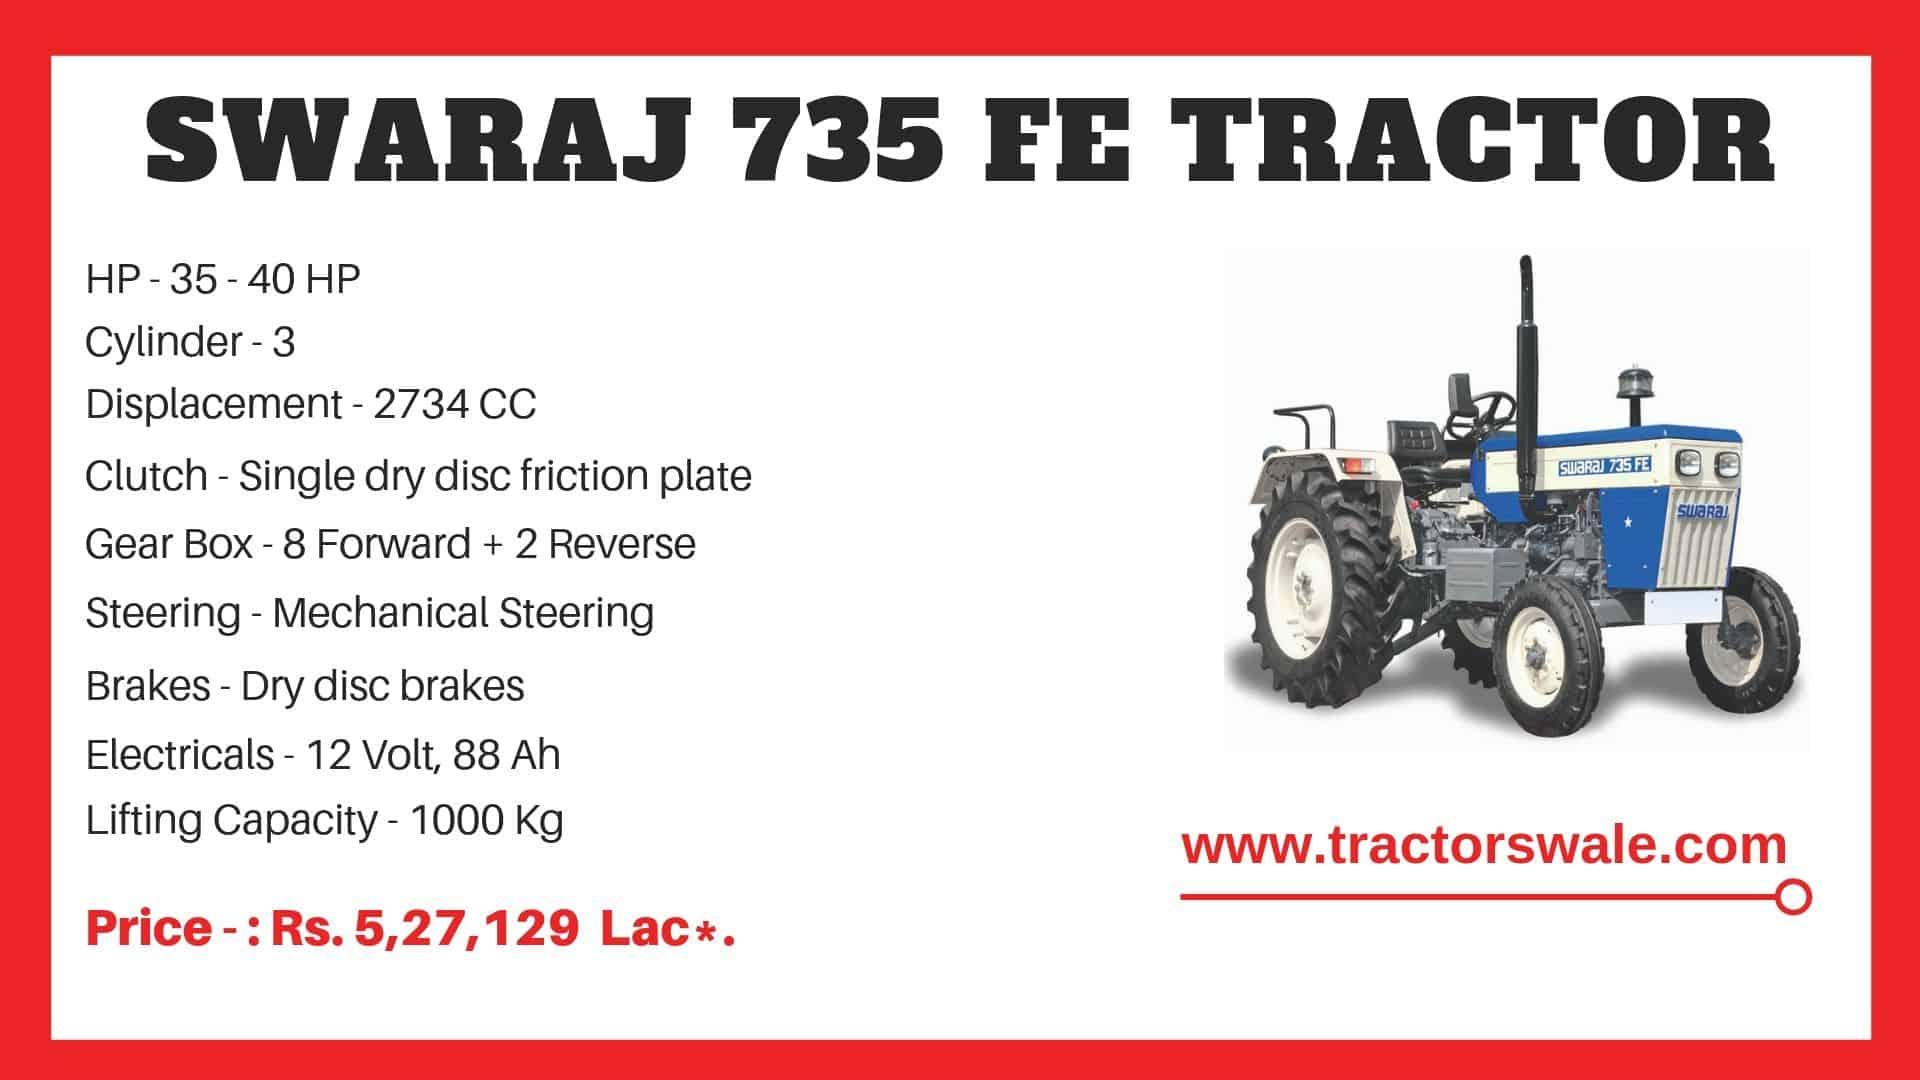 Specification of Swaraj 735 FE Tractor